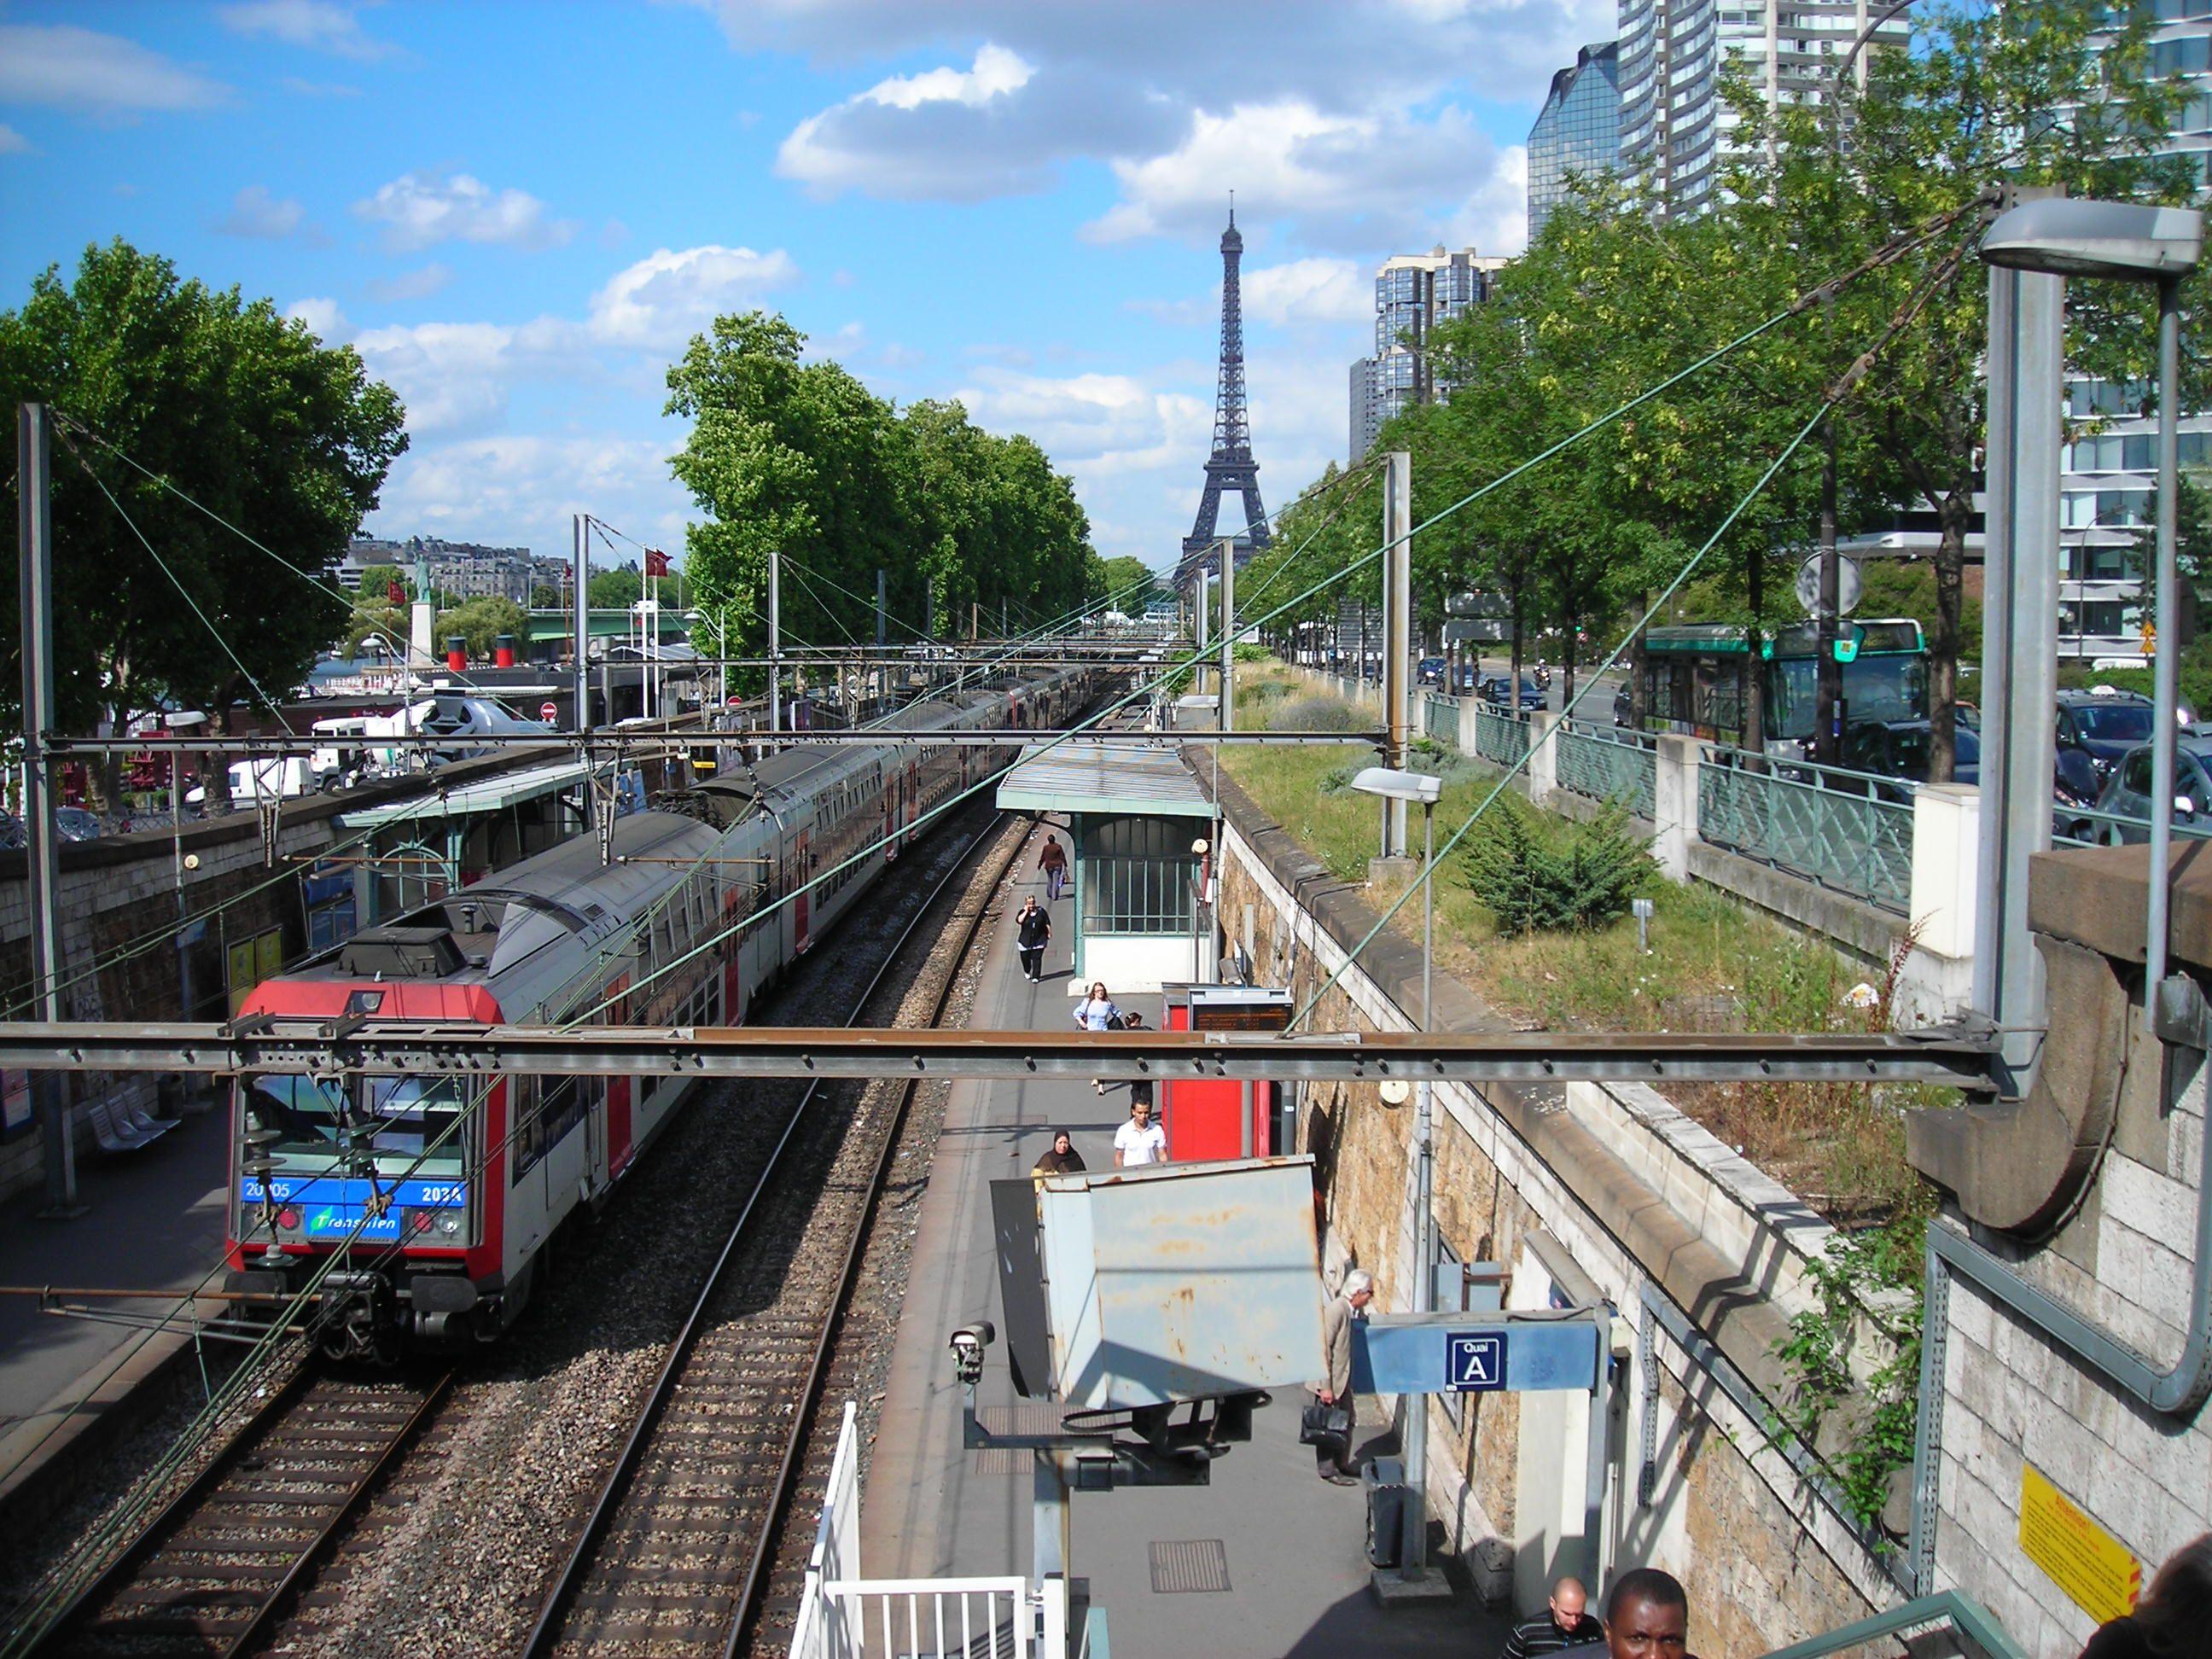 Emeletes RER vonat a Szajna partján. Háttérben az Eiffel-torony.